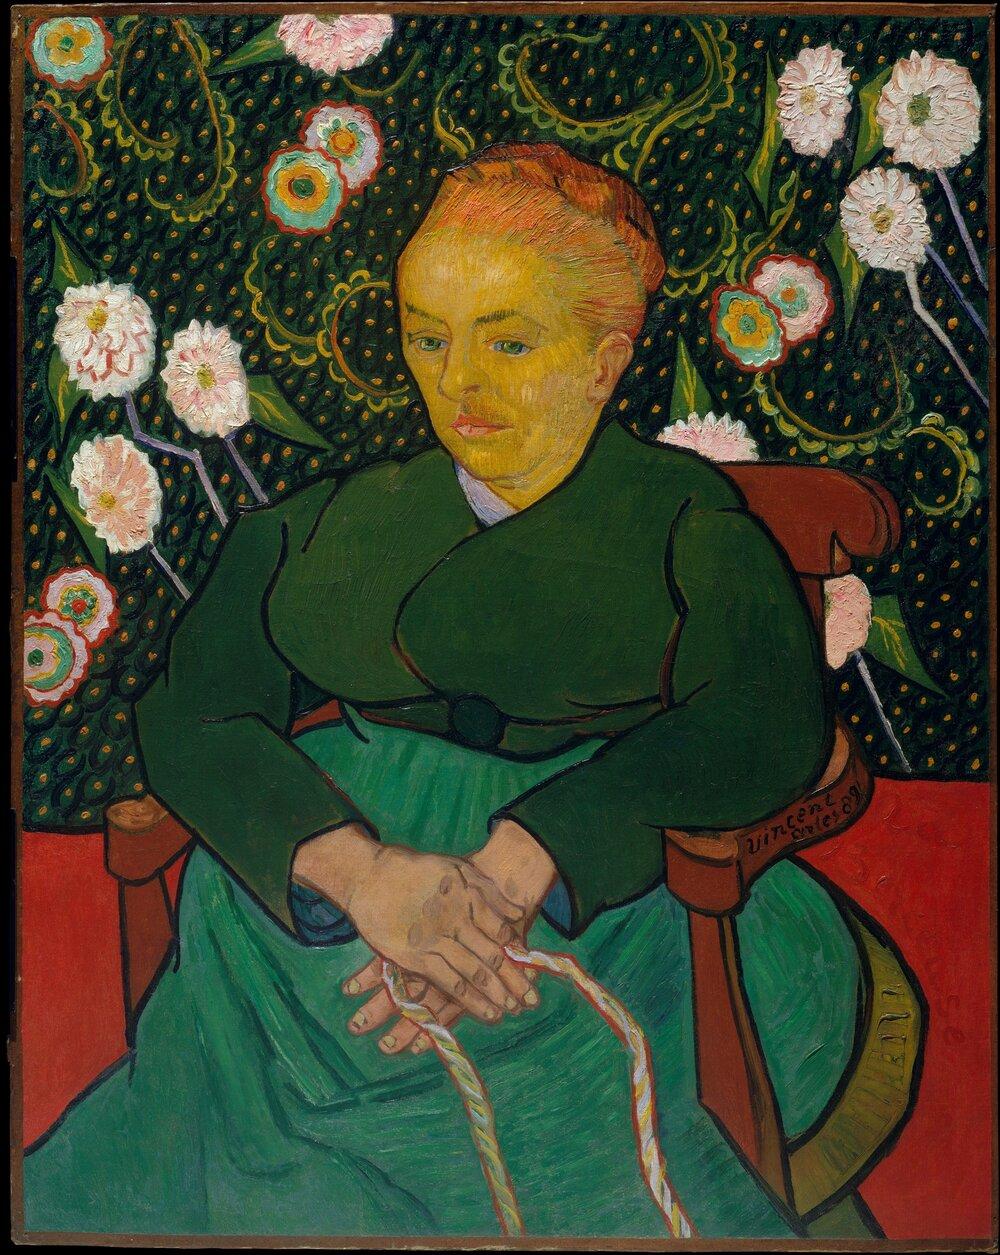 Вінсент ван Гог, La Berceuse, 1889